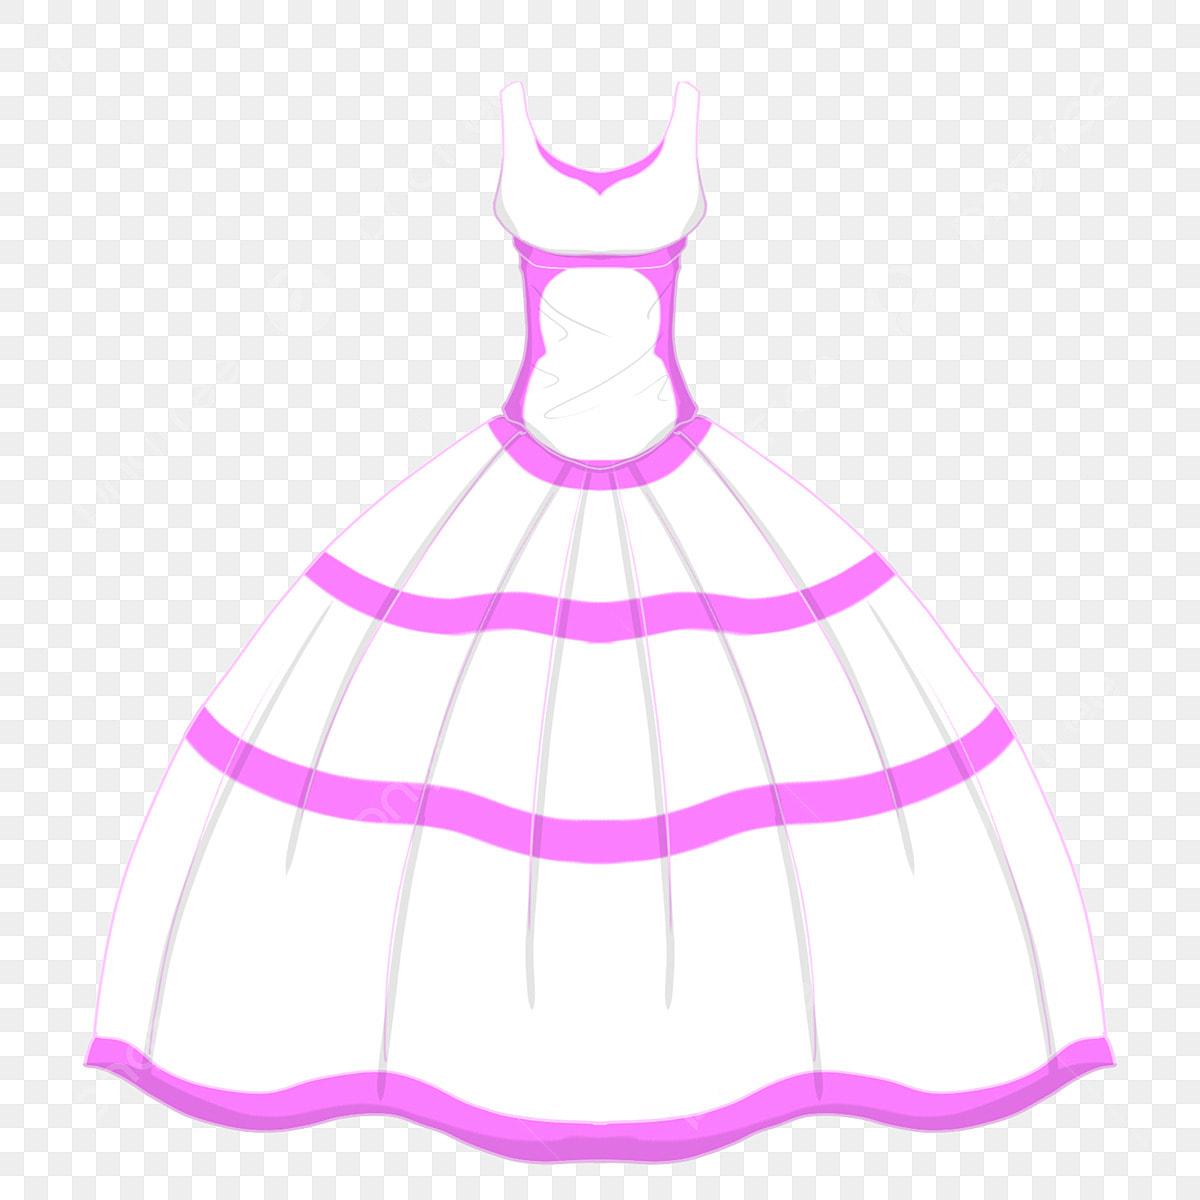 Gambar Gaun Pengantin Yang Dicat Pakaian Perkahwinan Hari